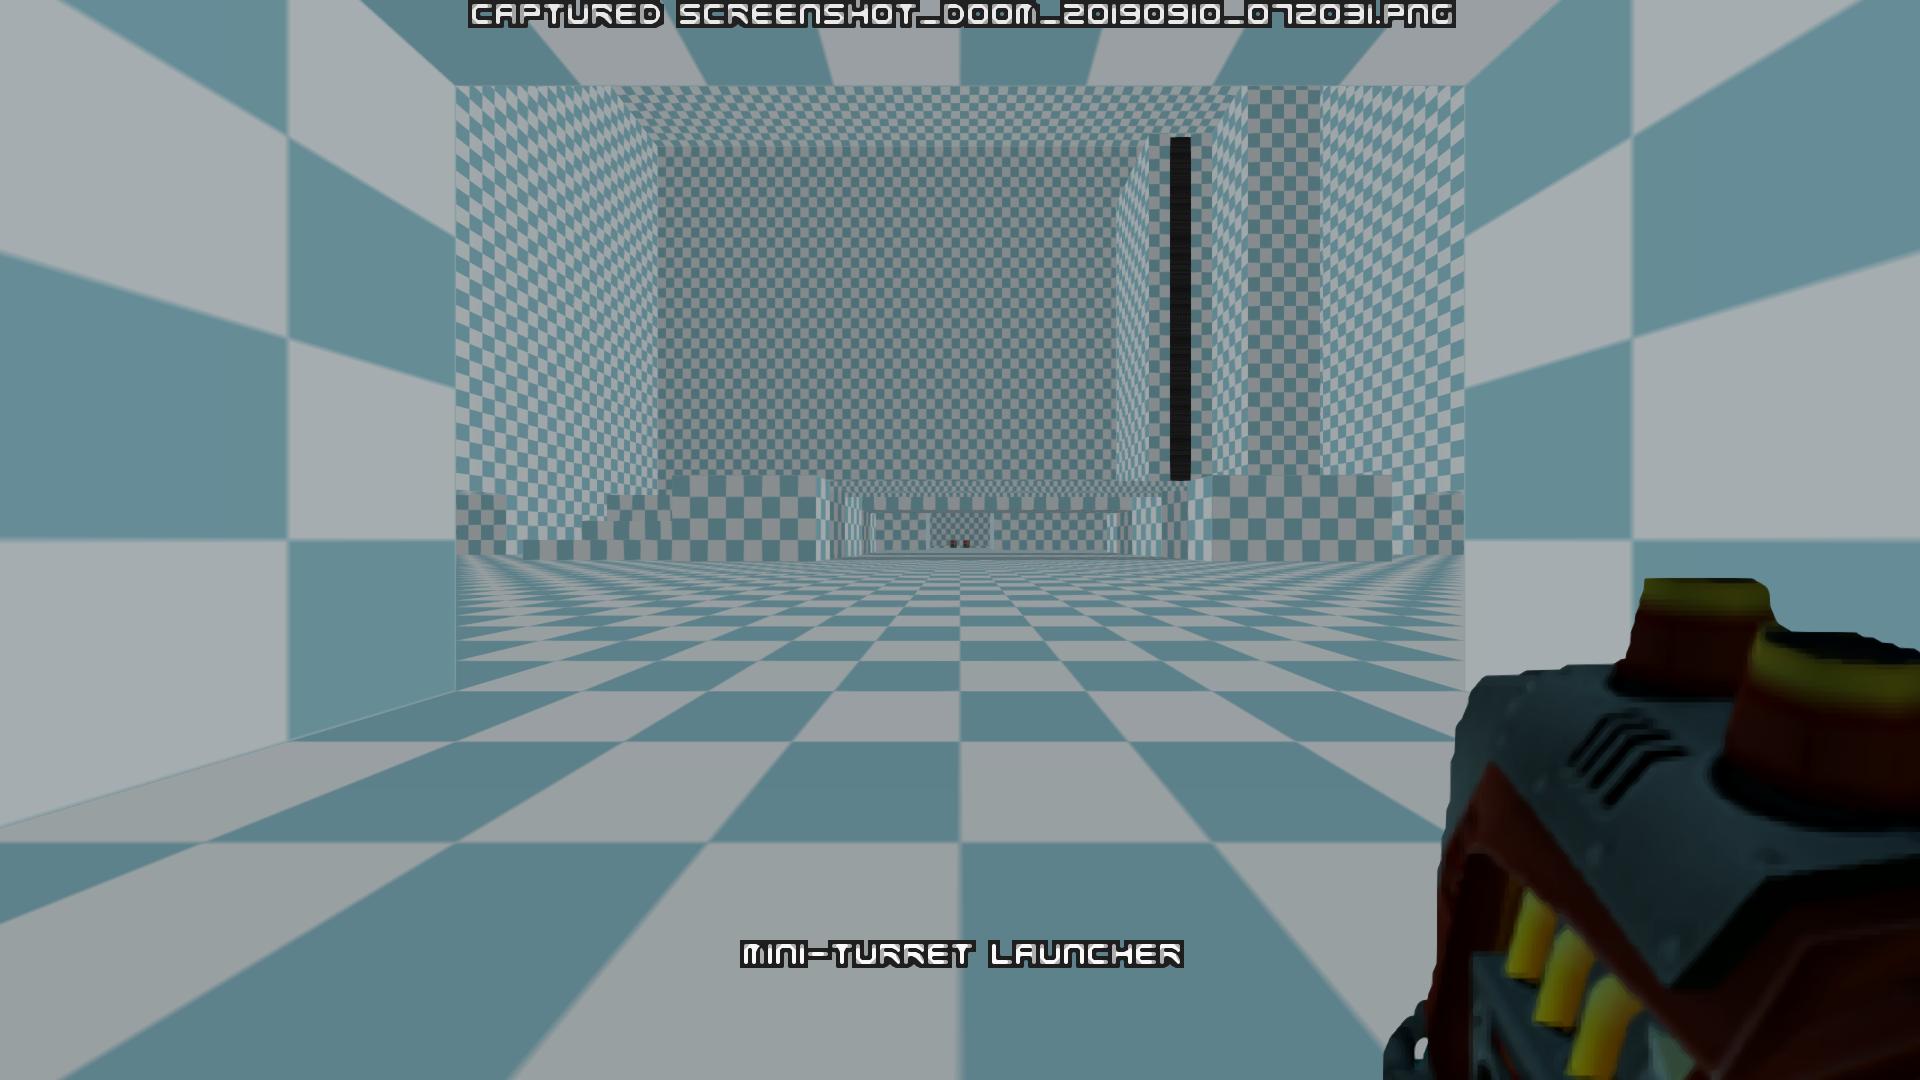 Screenshot Doom 20190910 072032